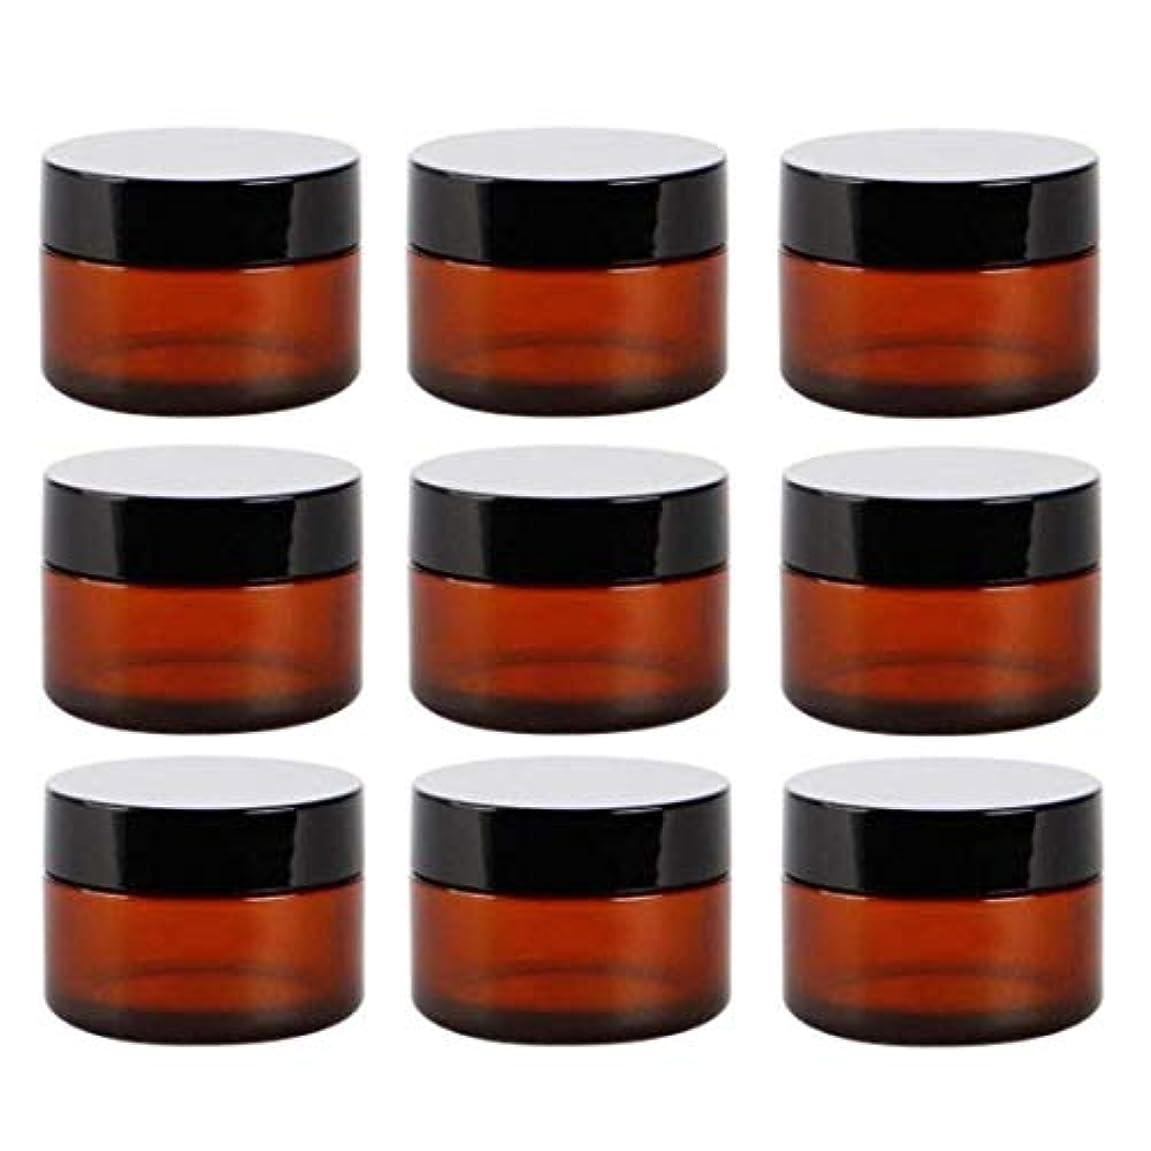 ブロック表向き歴史アロマオイル 精油 香水やアロマの保存 小分け用 遮光瓶 詰替え ガラス製 9本セット茶色10g